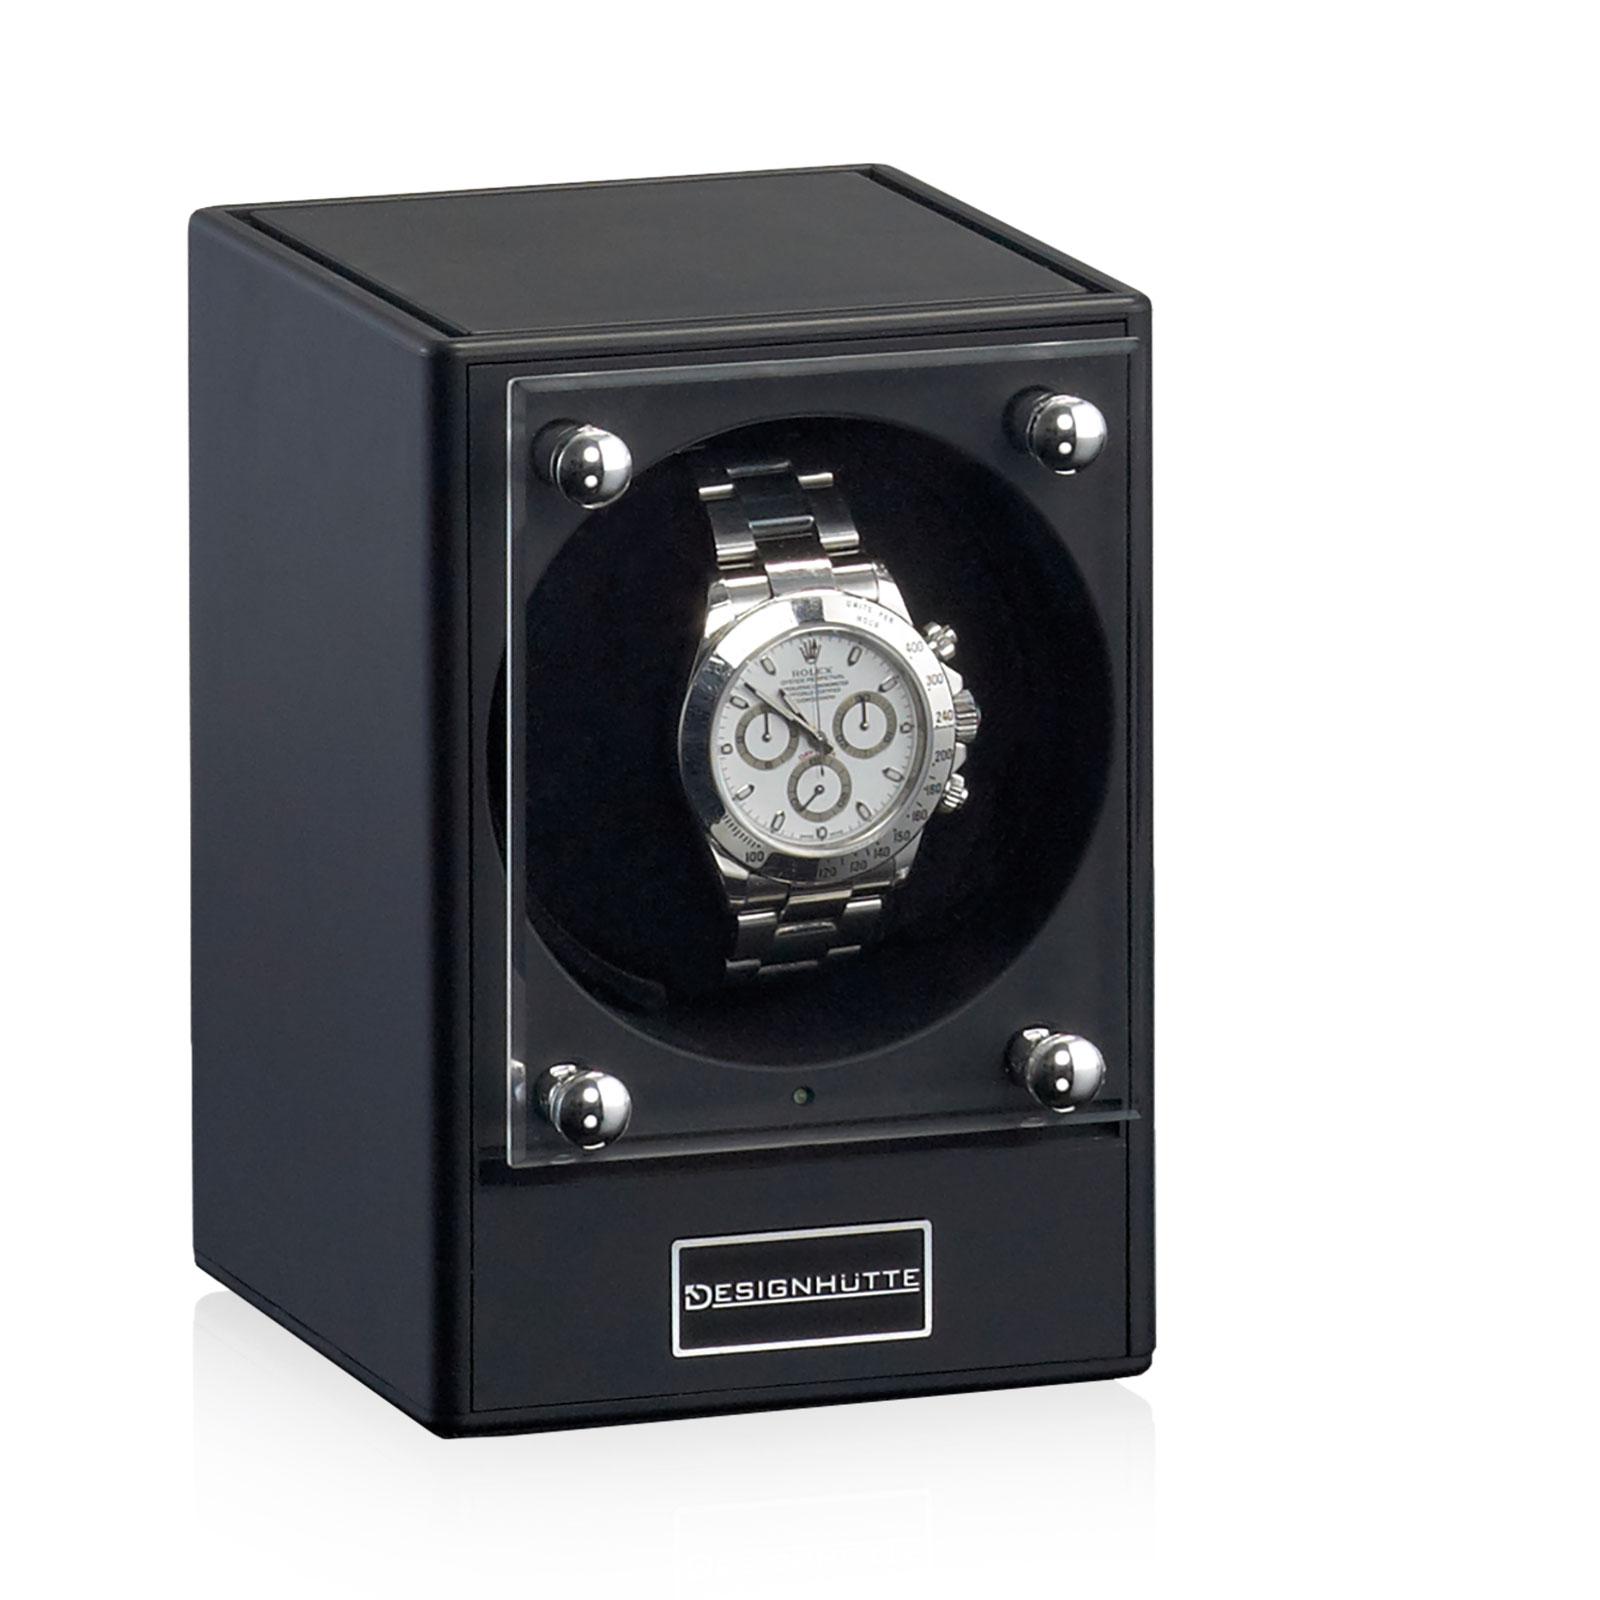 Betere Uhrenbeweger Designhütte   Piccolo 2 Schwarz   Designhuette Store AG-84